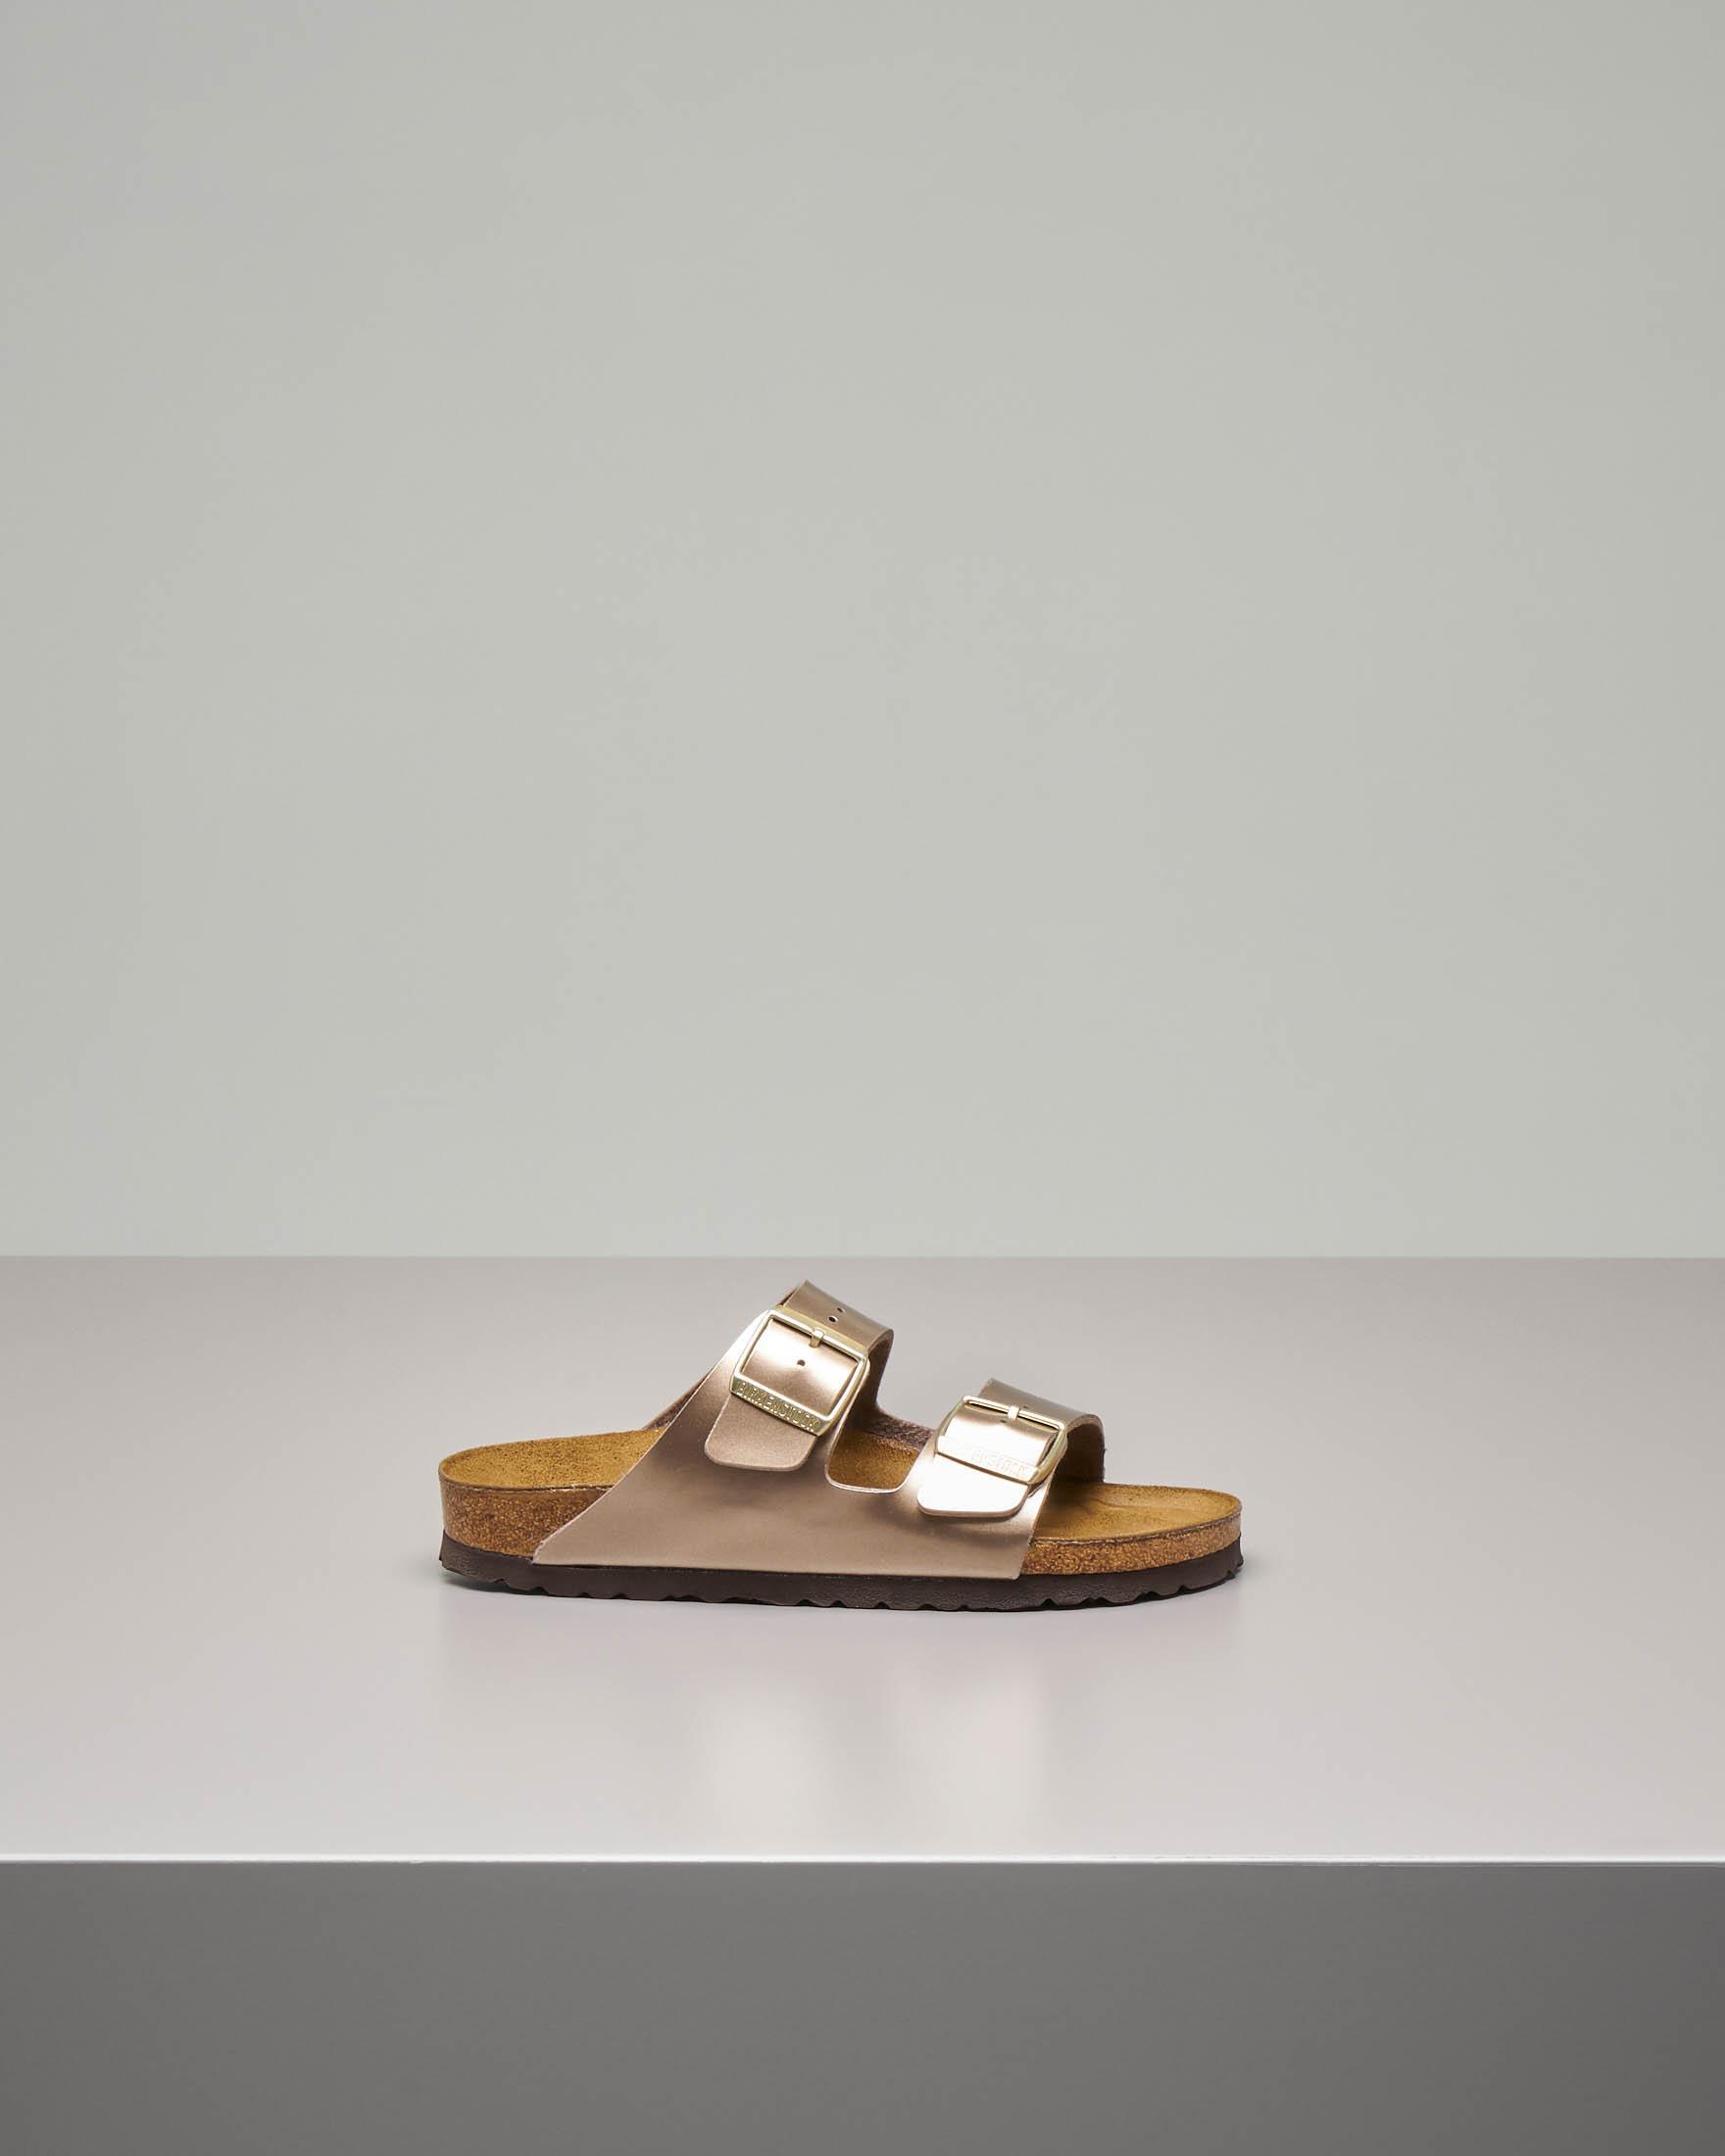 Sandalo Arizona in pelle color taupe effetto laminato con doppia fascetta